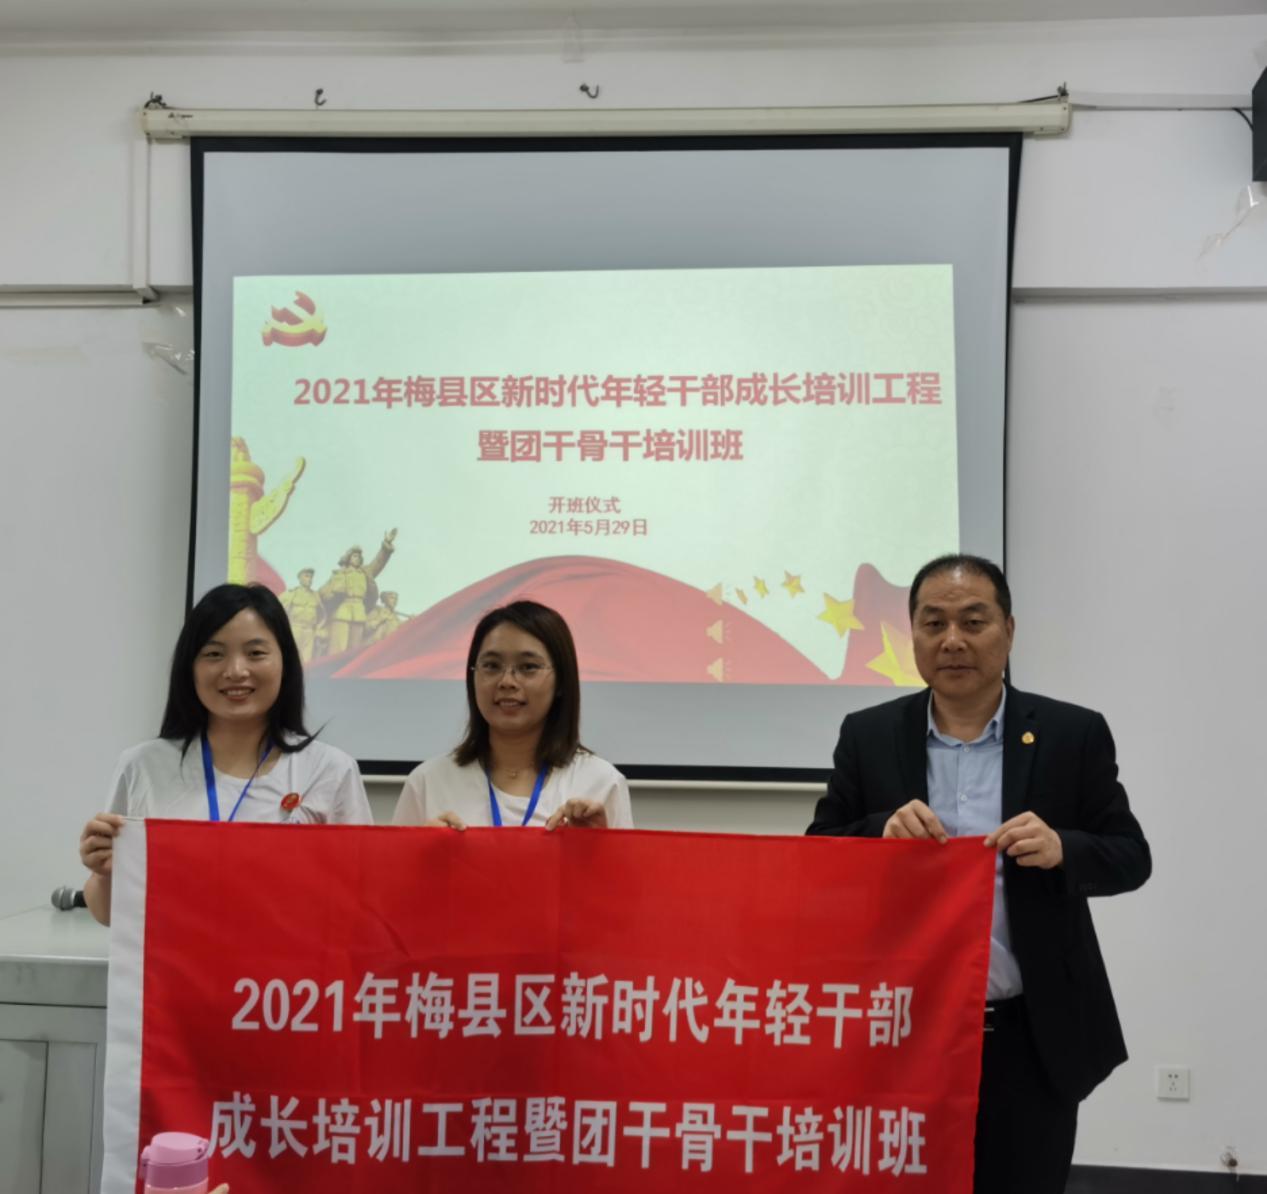 2021年梅县区新时代年轻干部成长培训工程暨团干骨干培训班